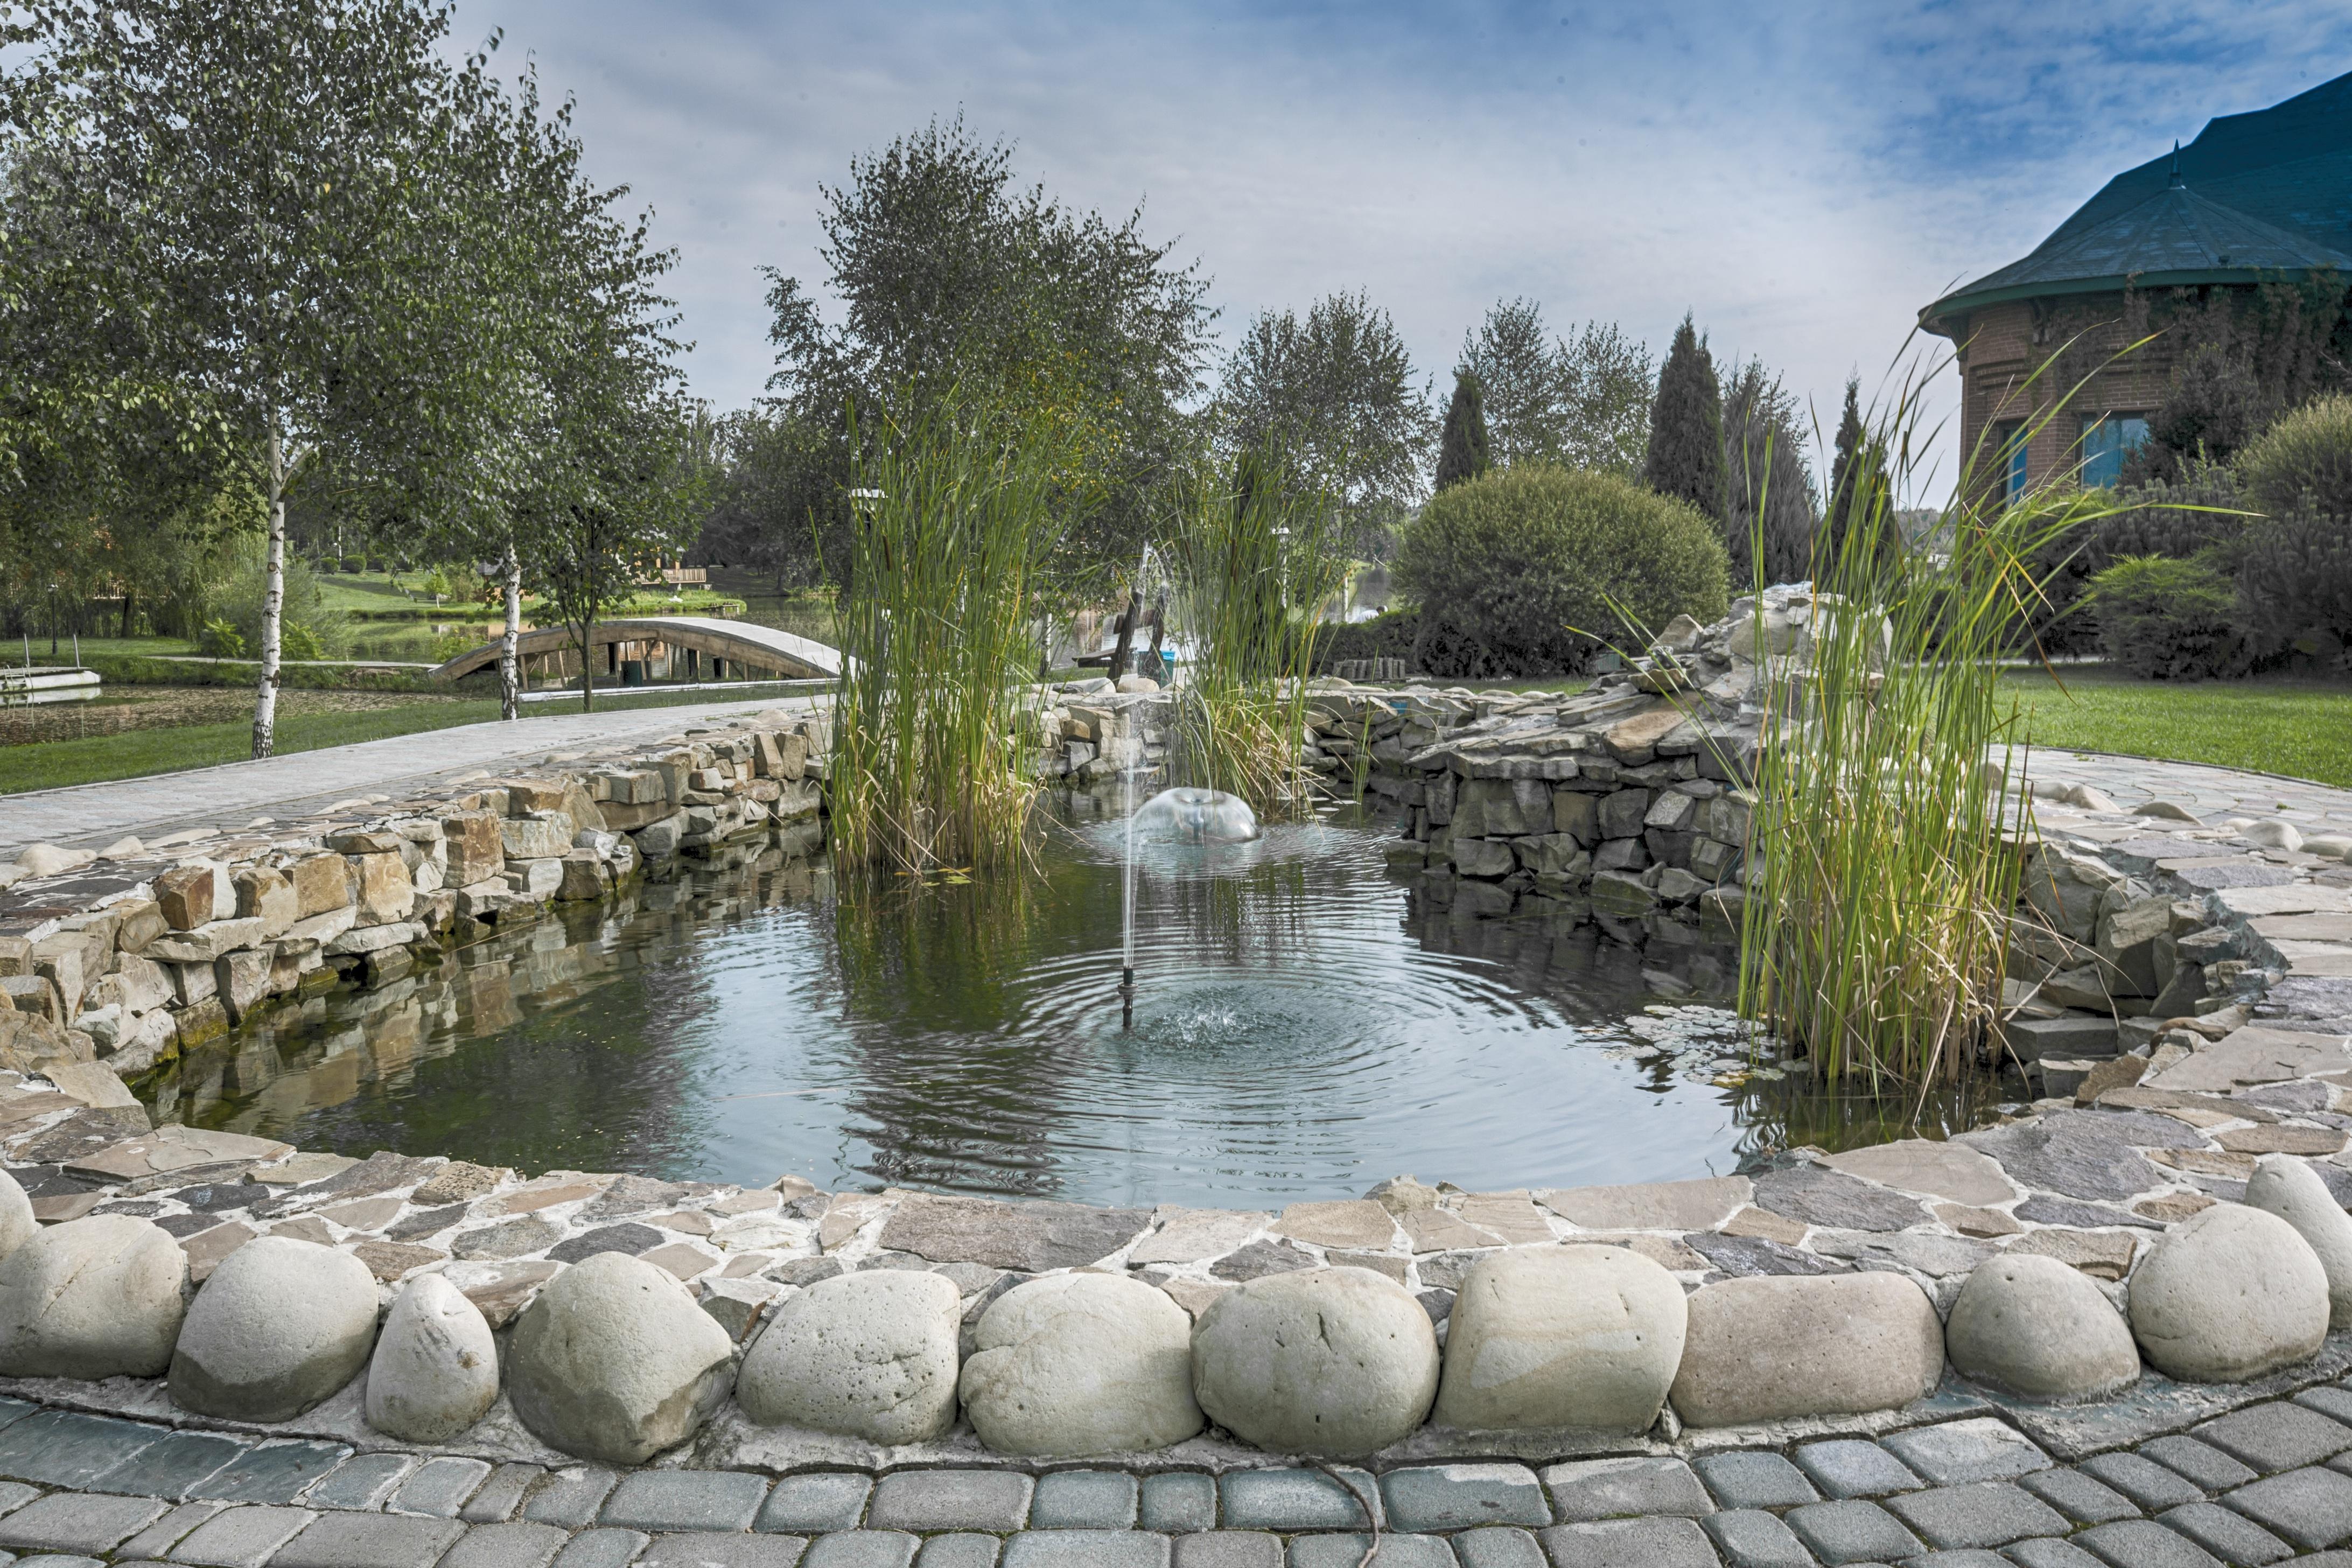 Wunderbar Landschaft Landschaft Teich Pool Park Hinterhof Garten Wasserweg Brunnen  Künstlich Immobilien Wasser Funktion Reflektierender Pool